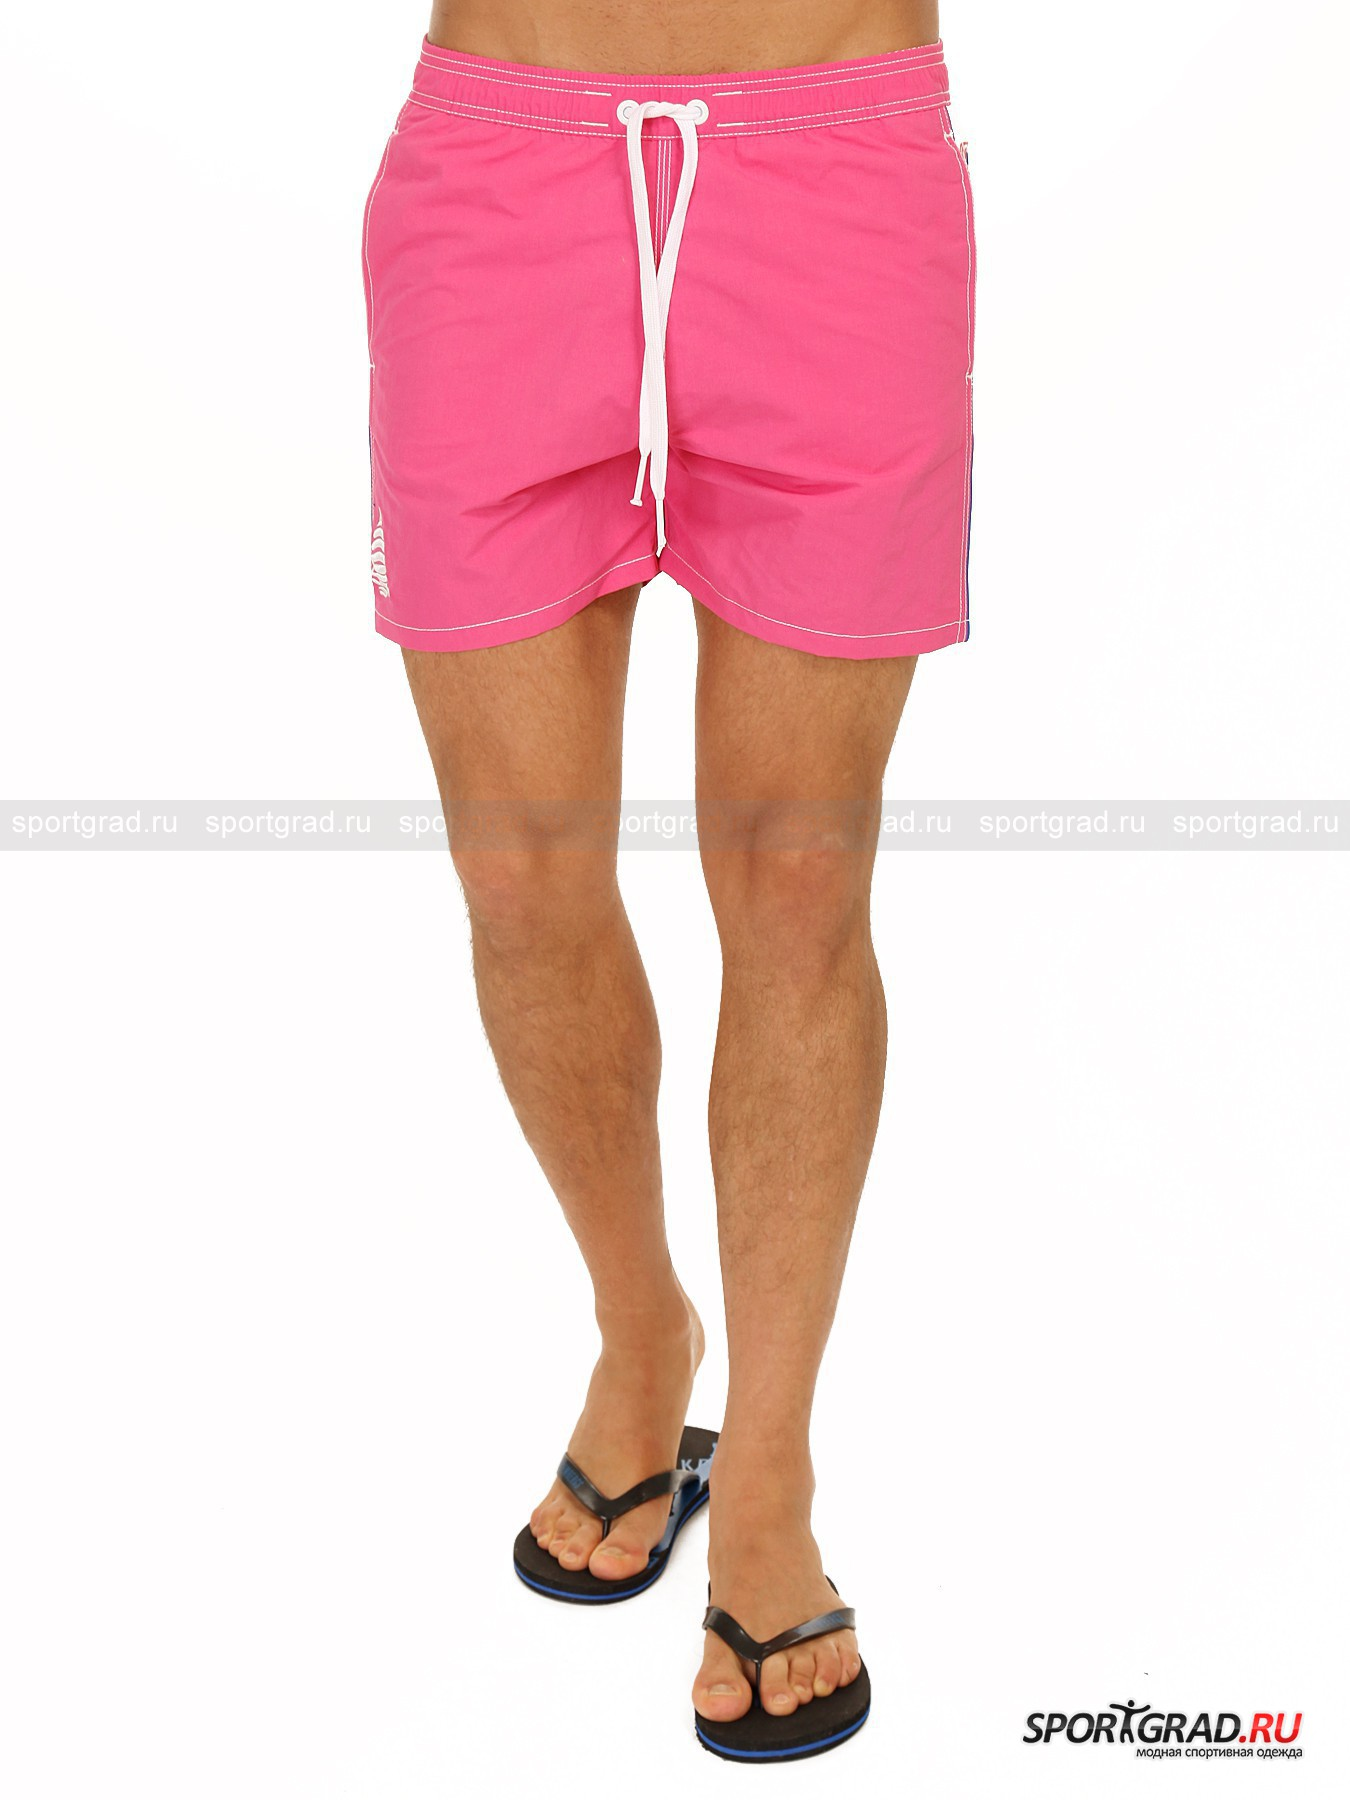 Шорты мужские пляжные BOXER MARE MARINA YACHTINGШорты, Велосипедки<br>Кричащие розовые шорты MARINA YACHTING придутся по душе любителям ярких красок. Модель изготовлена из быстросохнущего материала и снабжена сетчатой подкладкой. В шортах также предусмотрено 3 кармана: 2 прорезных по бокам и 1 накладной на кнопке сзади. Гламурный розовый цвет – это очень редко явление в коллекциях итальянского бренда MARINA YACHTING, так что ценителям оригинального пляжного стиля стоит поторопиться – размеров остается все меньше!<br><br>Пол: Мужской<br>Возраст: Взрослый<br>Тип: Шорты, Велосипедки<br>Рекомендации по уходу: Деликатная машинная стирка при 30 градусах, щадящий ручной отжим, вертикальная сушка, не гладить.<br>Состав: Верх: 100% полиамид, подкладка: 100% полиэстер.